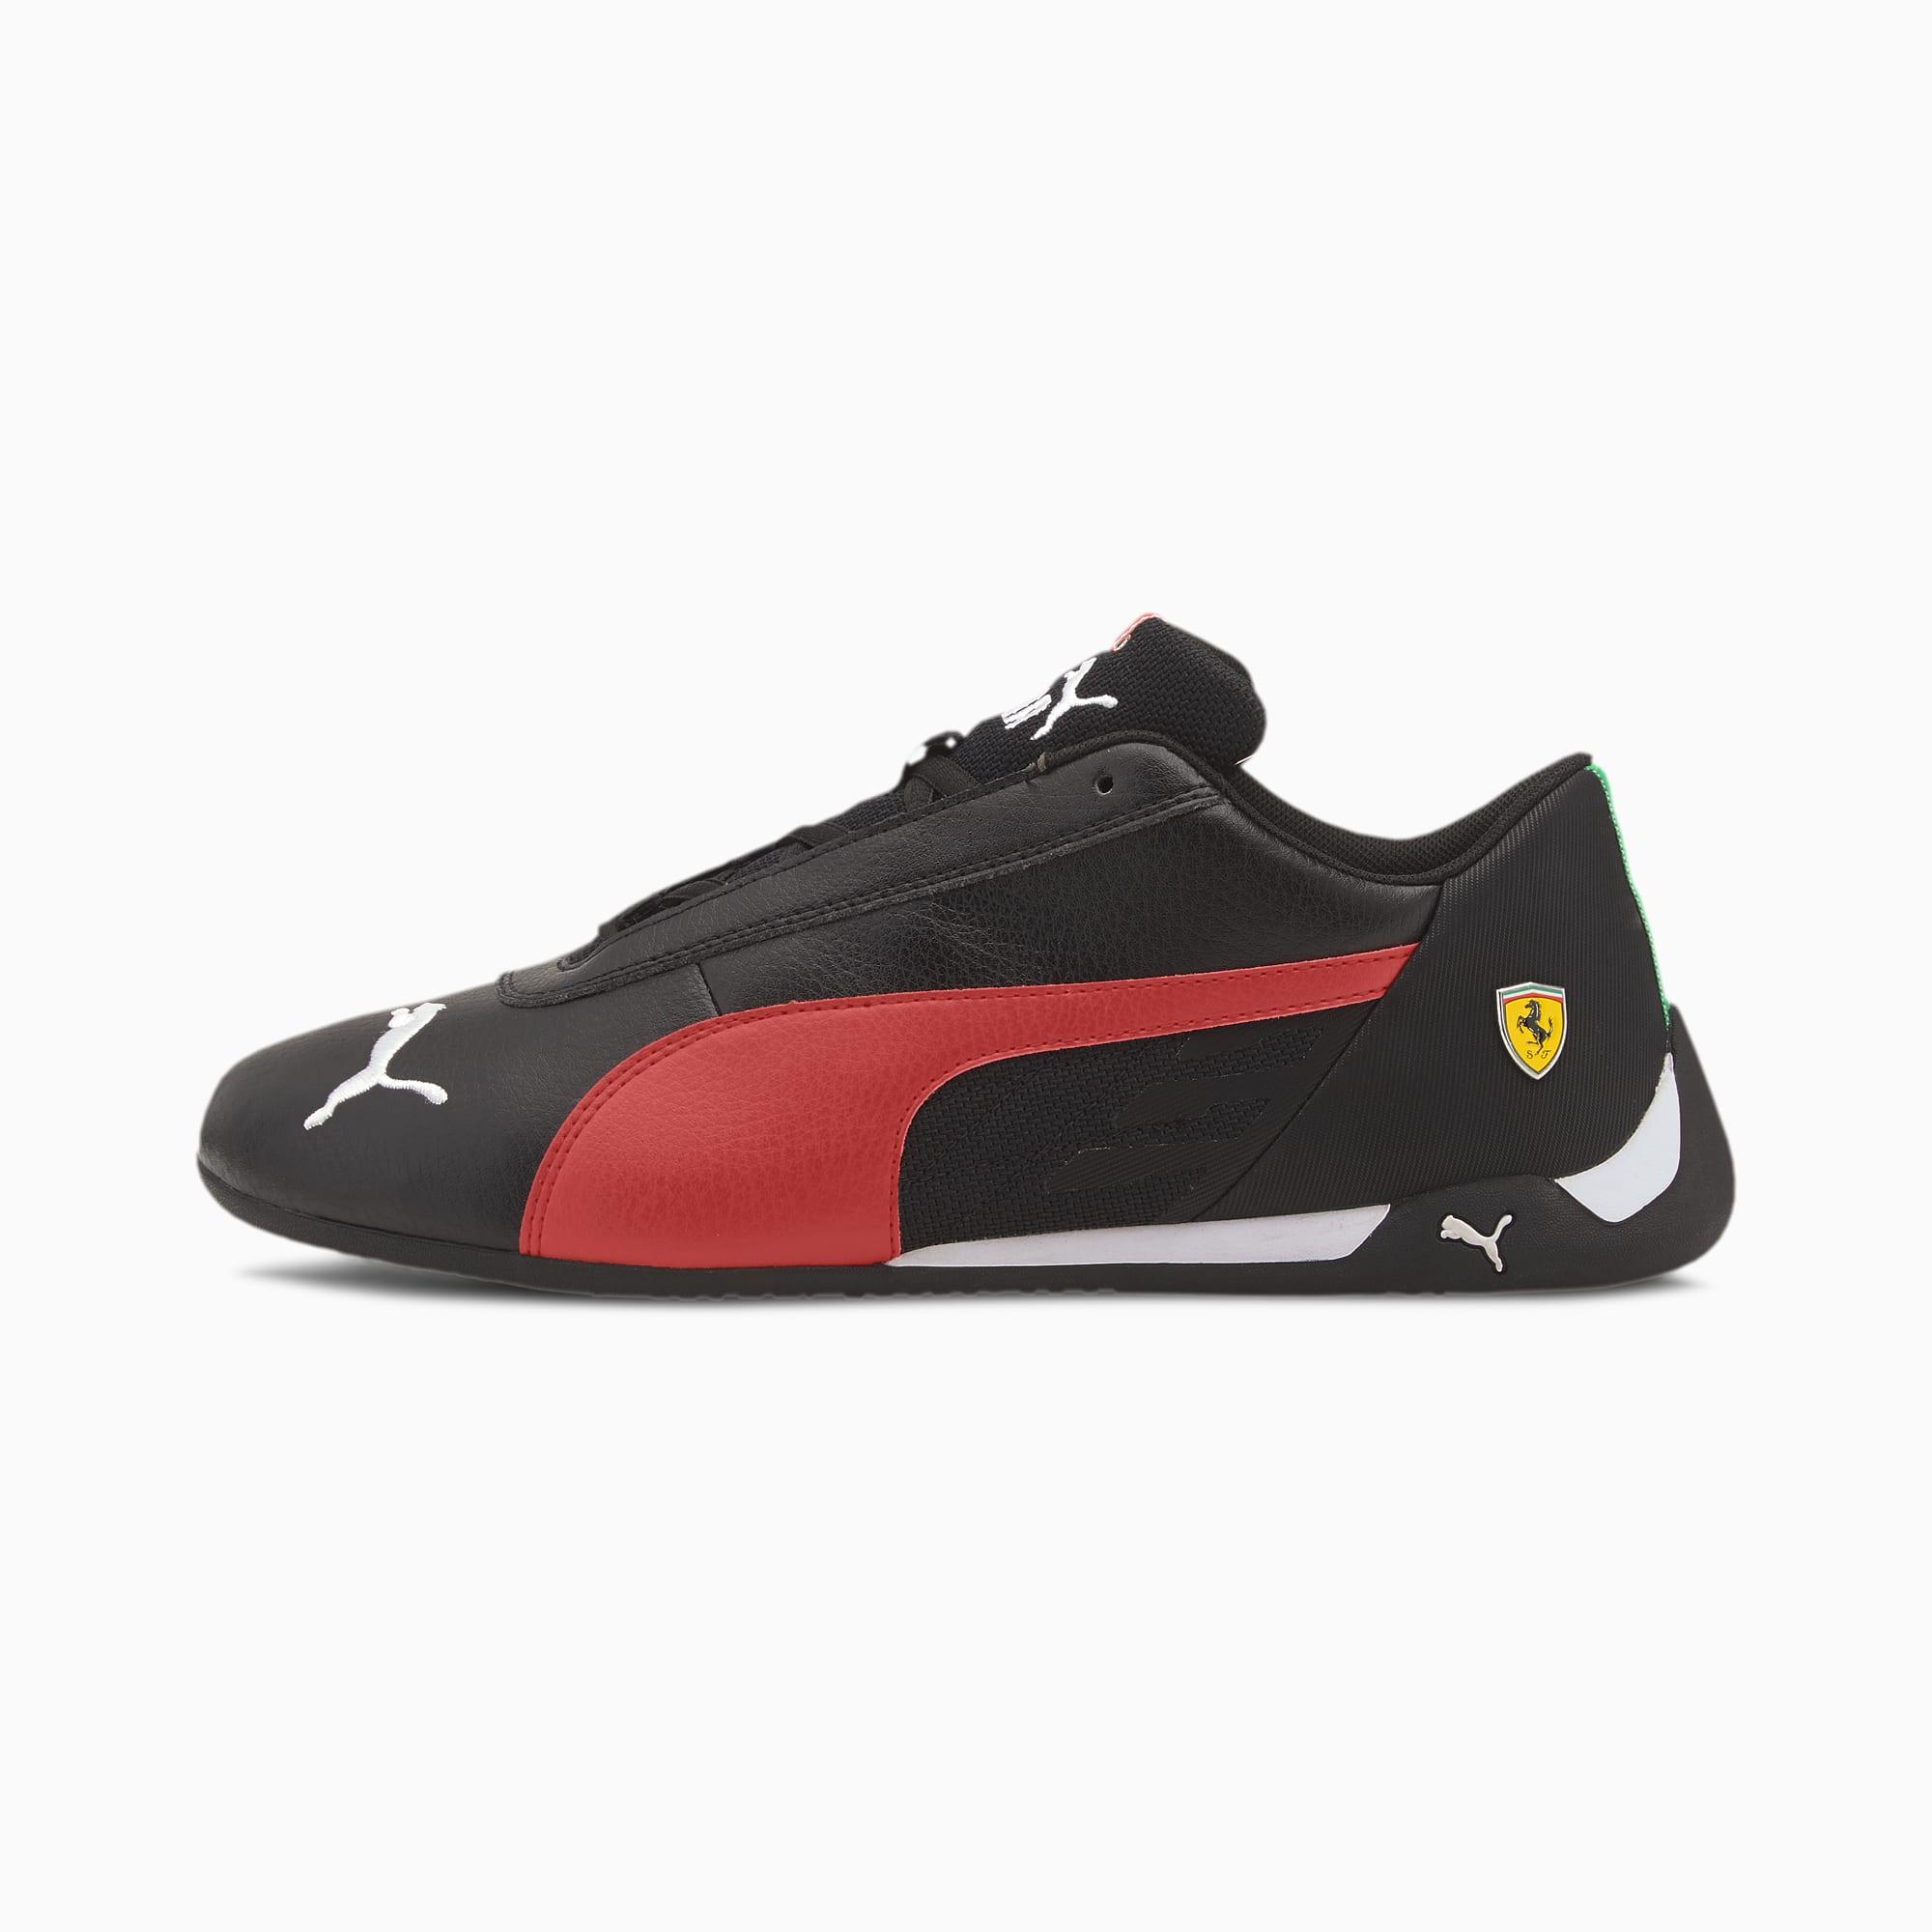 Scuderia Ferrari R-Cat sportschoenen, Rood/Zwart, Maat 37,5   PUMA